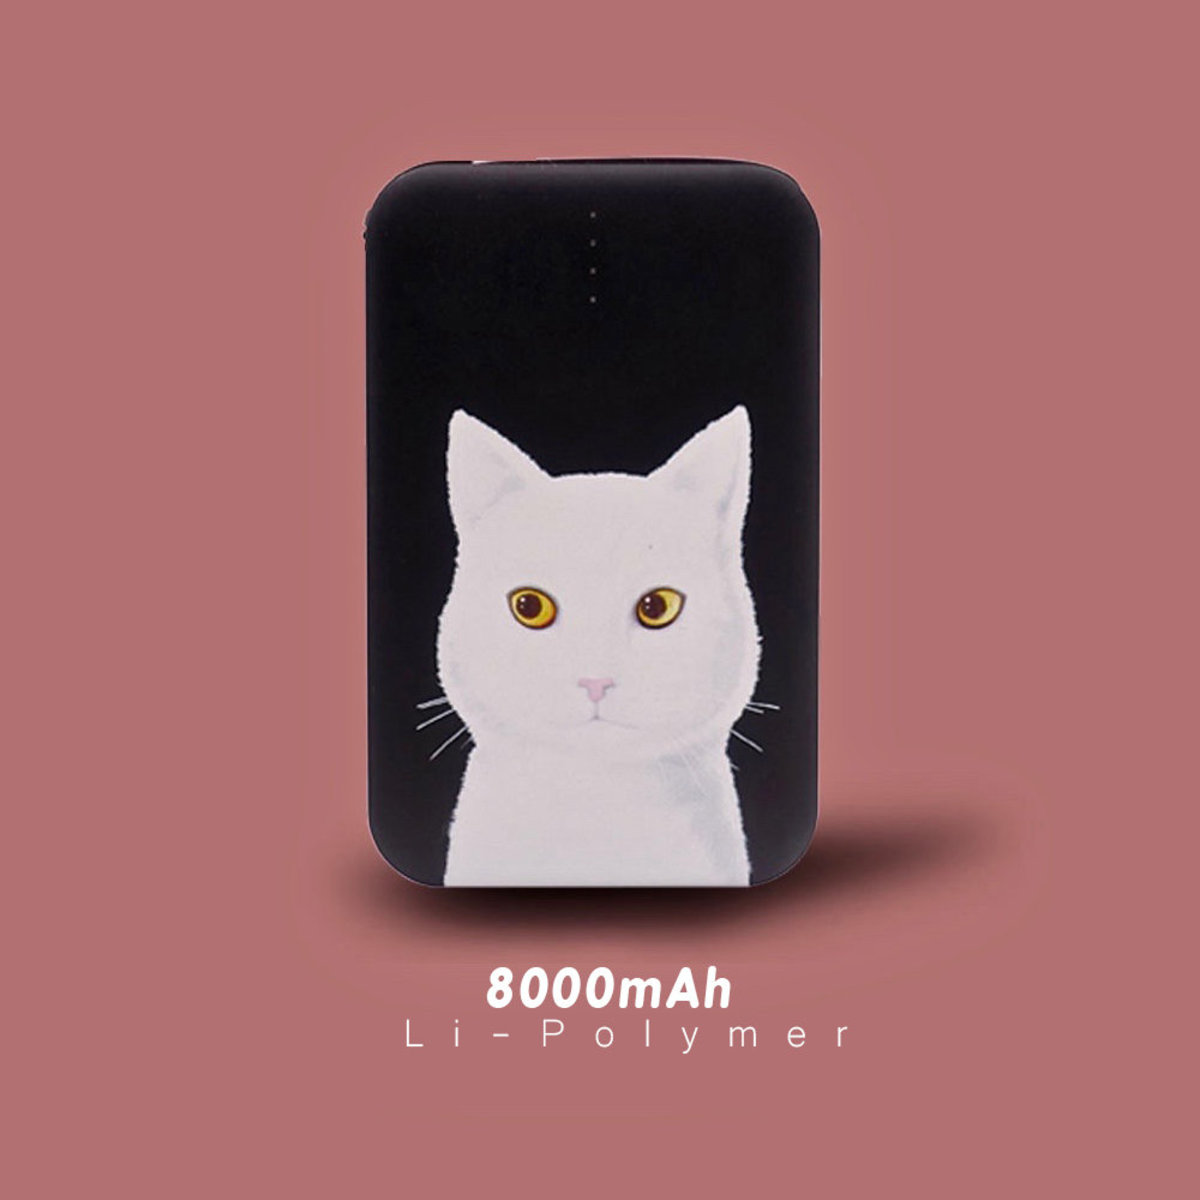 Flying Mouse 365.白貓. 不是你 .8000mAh  快速.輕便.安全.行動電源